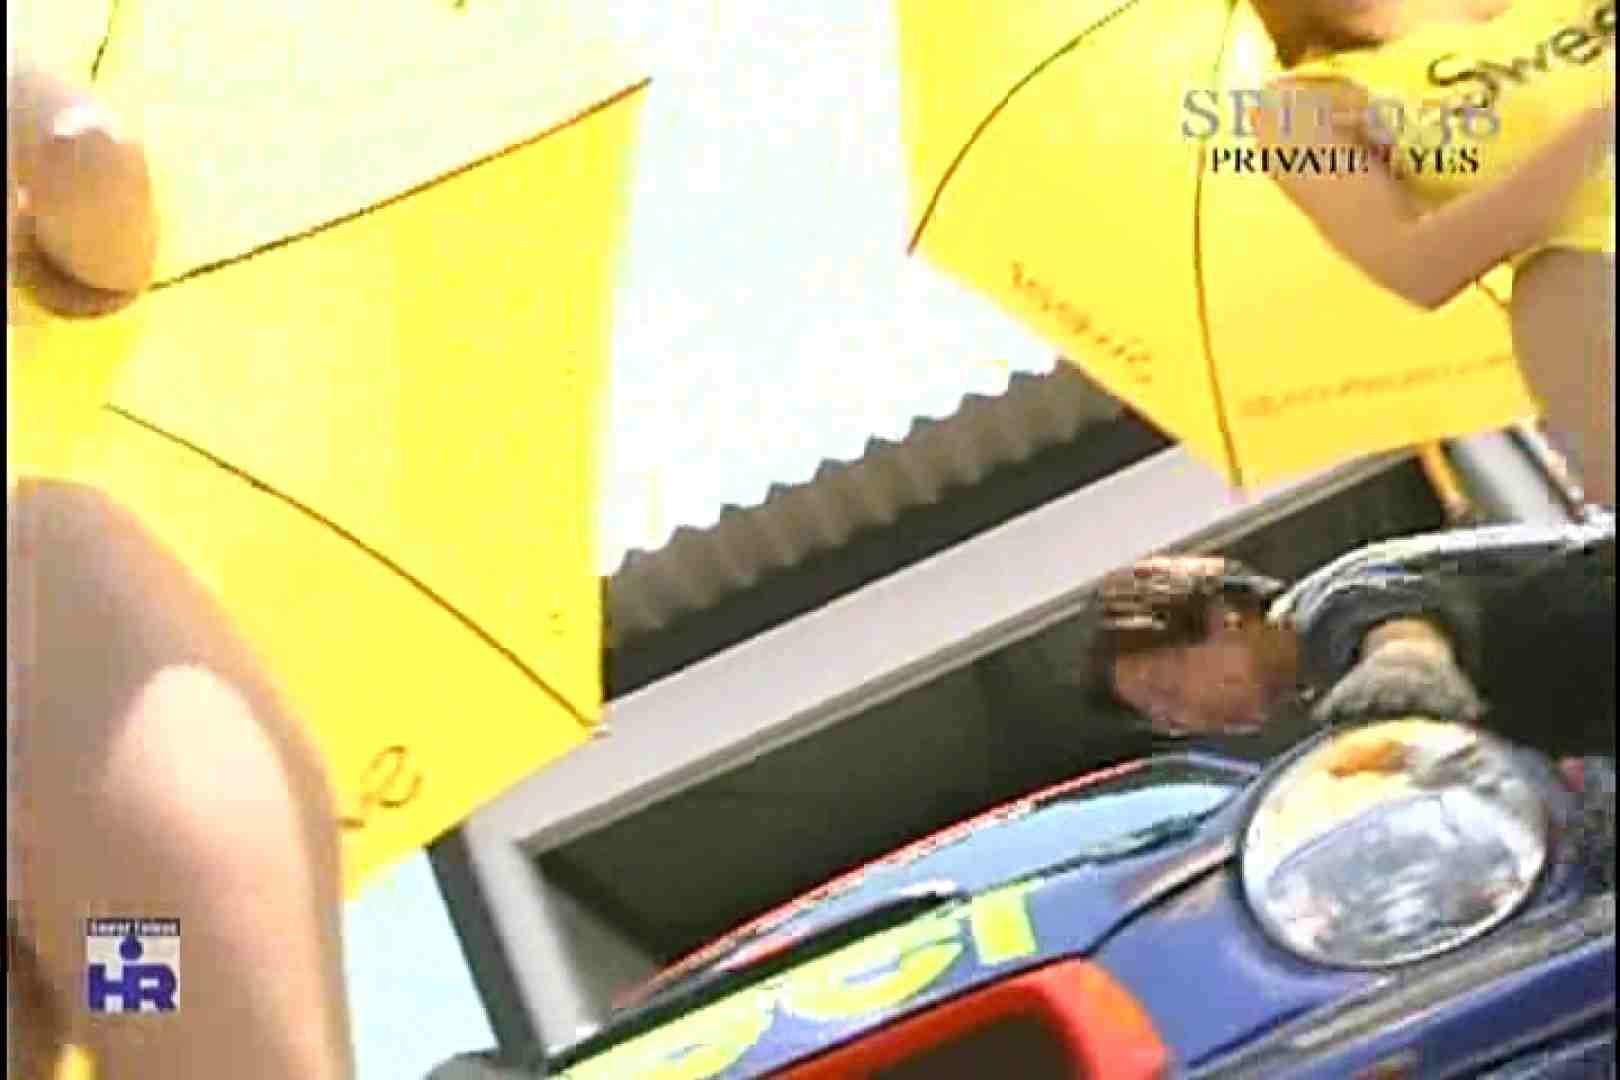 高画質版!SPD-038 サーキットの女神達 仙台ハイランドレースウェイ 高画質   プライベート  87pic 21